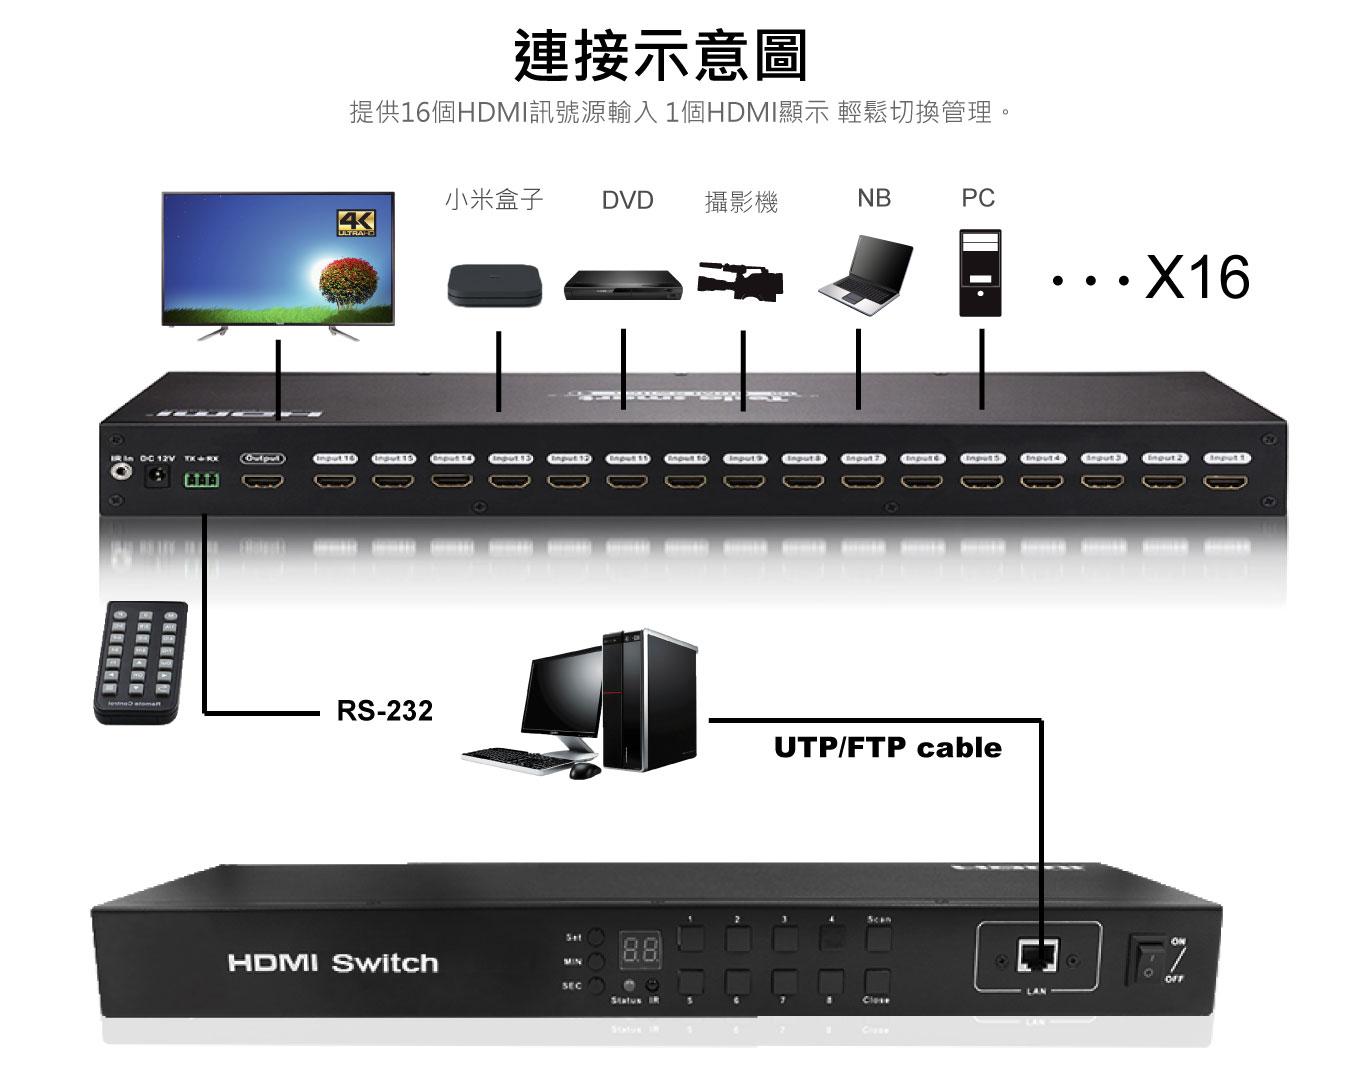 2021 16進1出 4k HDMI切換器 面板按鍵/ 遙控器/RS-232/WEB進行切換 台灣PANIO國瑭